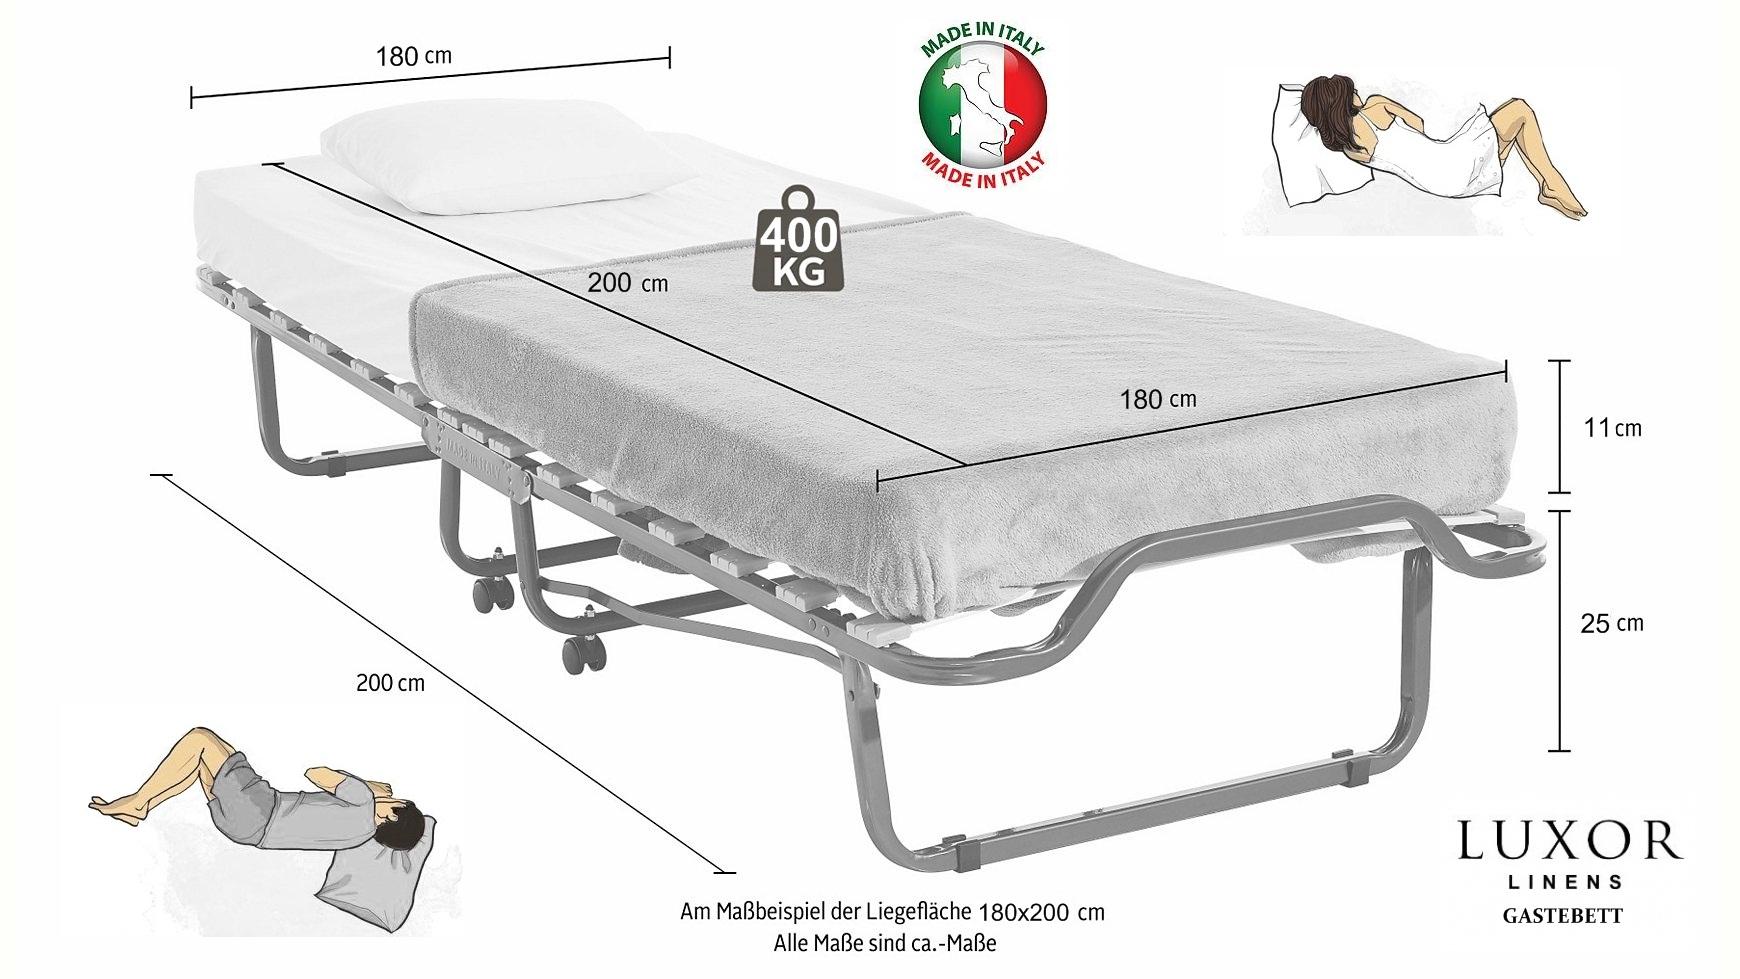 Раскладушка c подъемным изголовьем TOKIO италия купить раскладушку украина vamnado